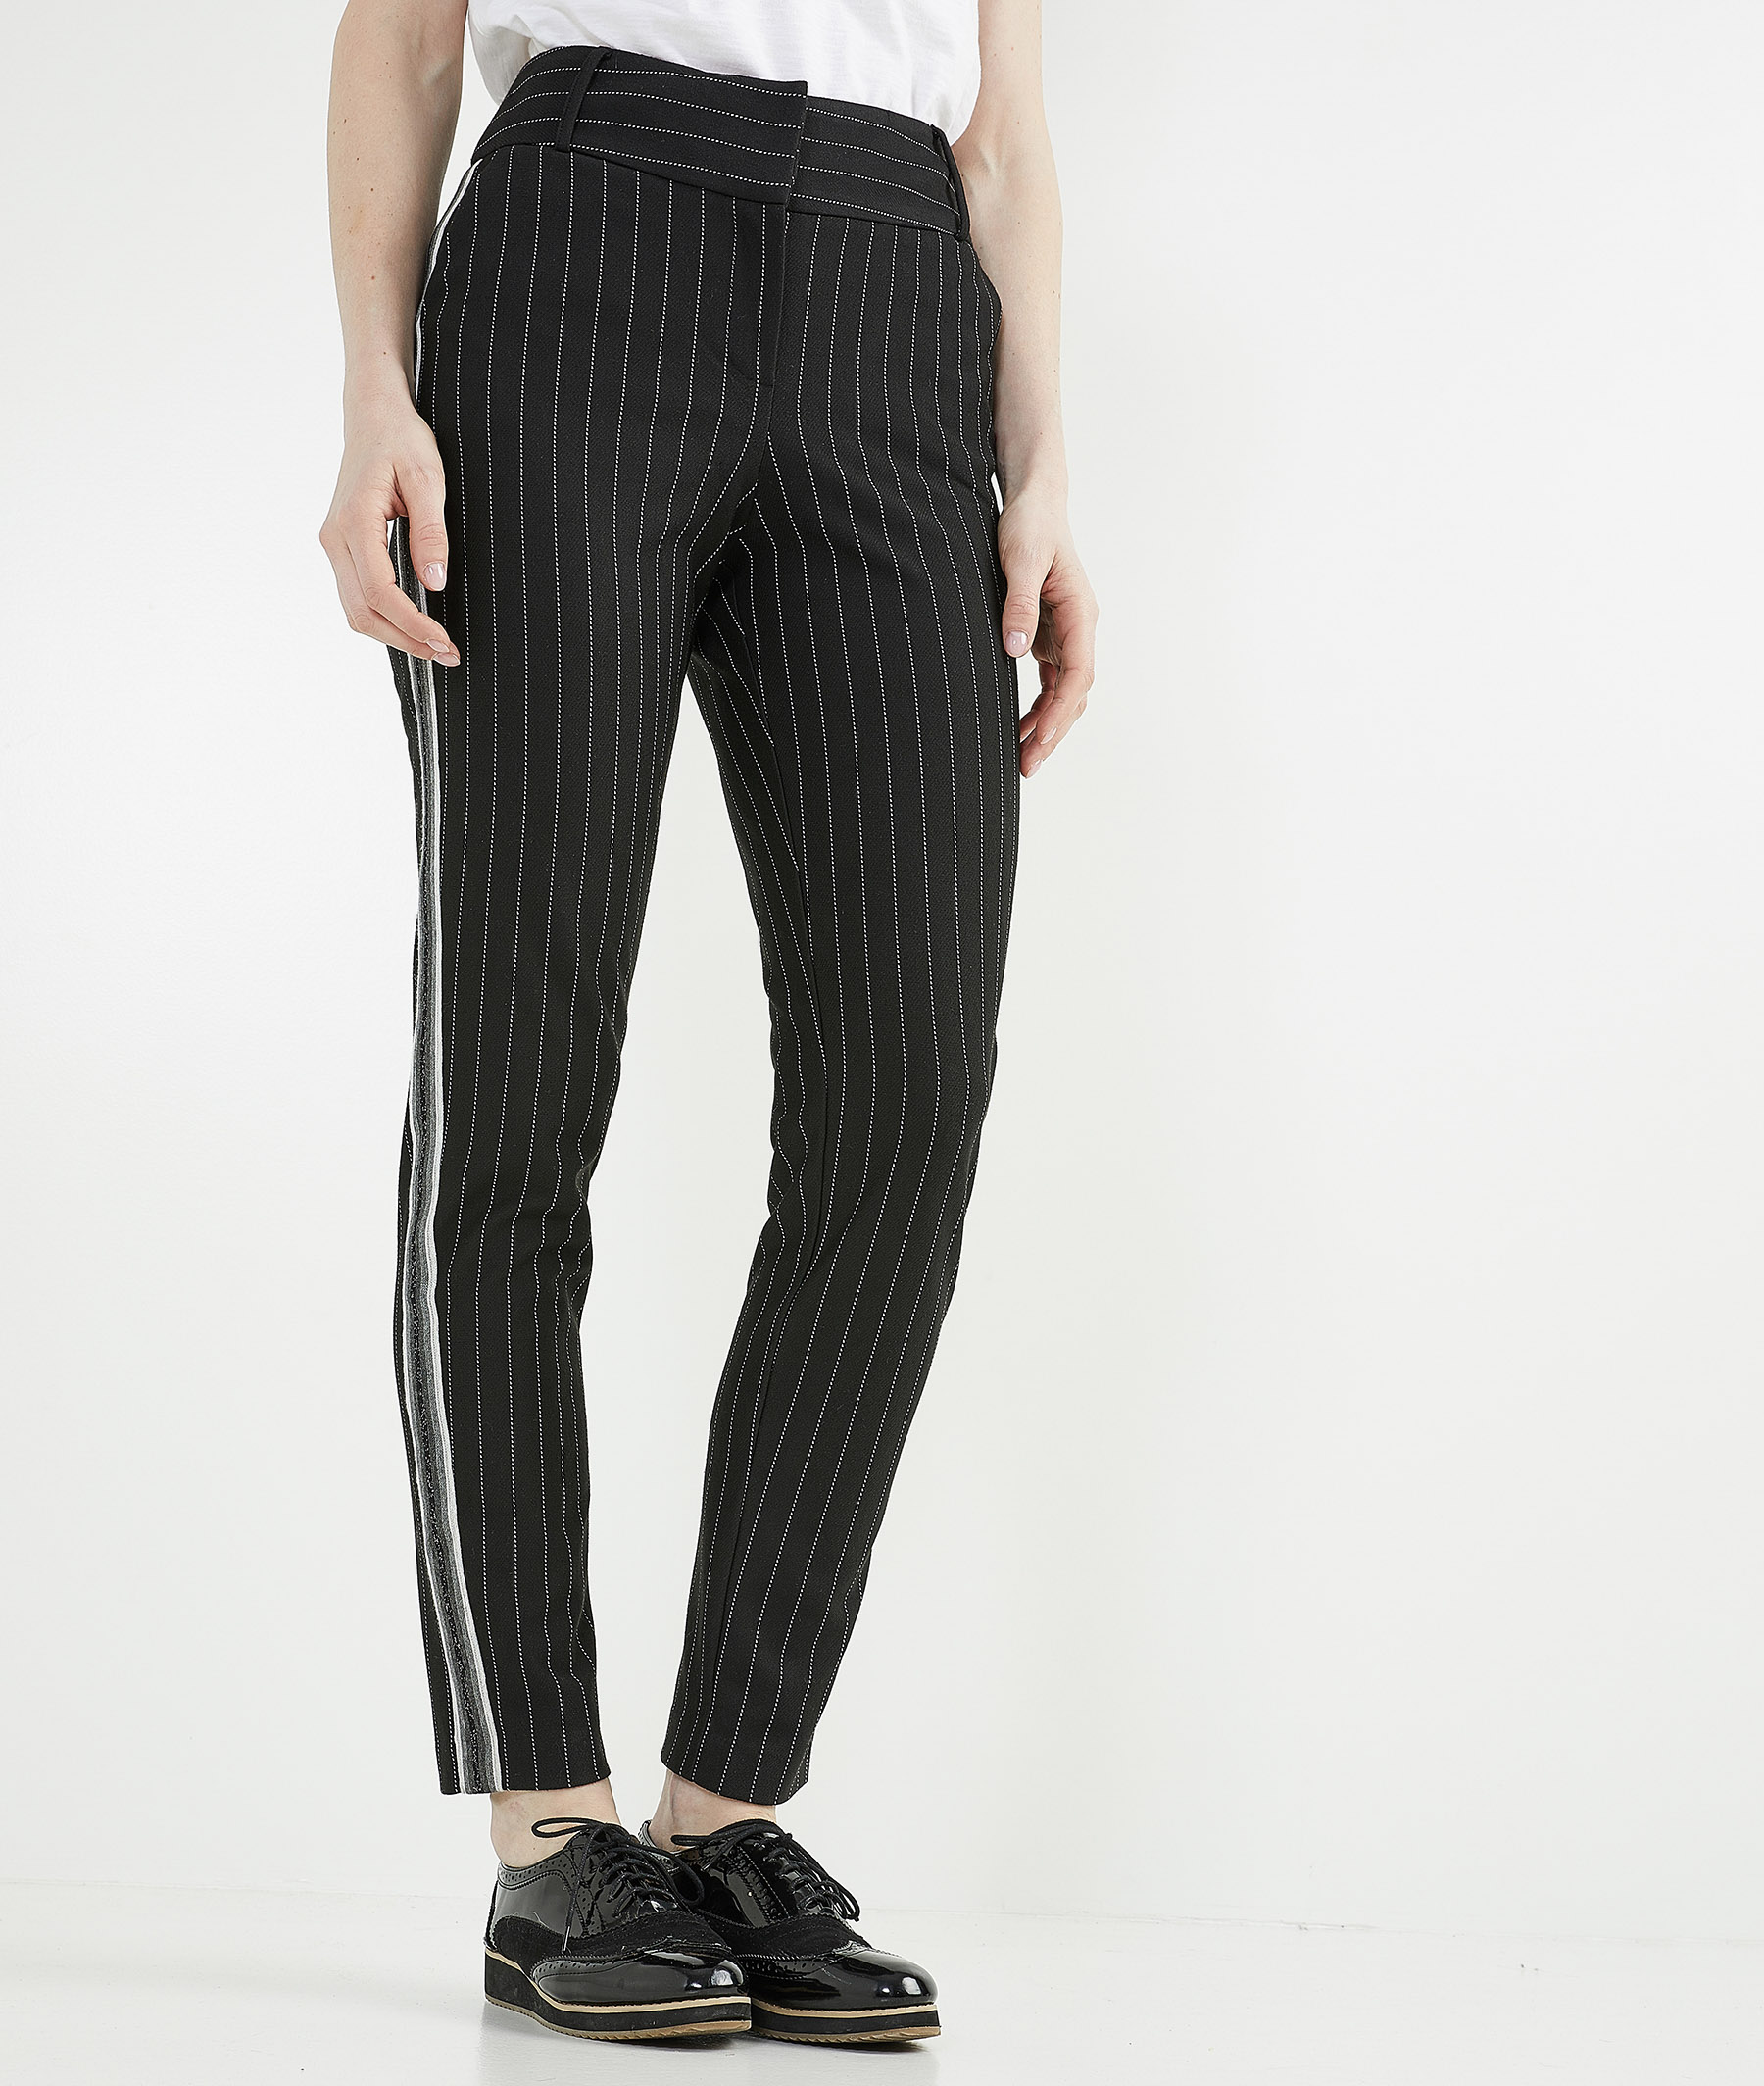 Pantalon fuselé à rayures NOIR